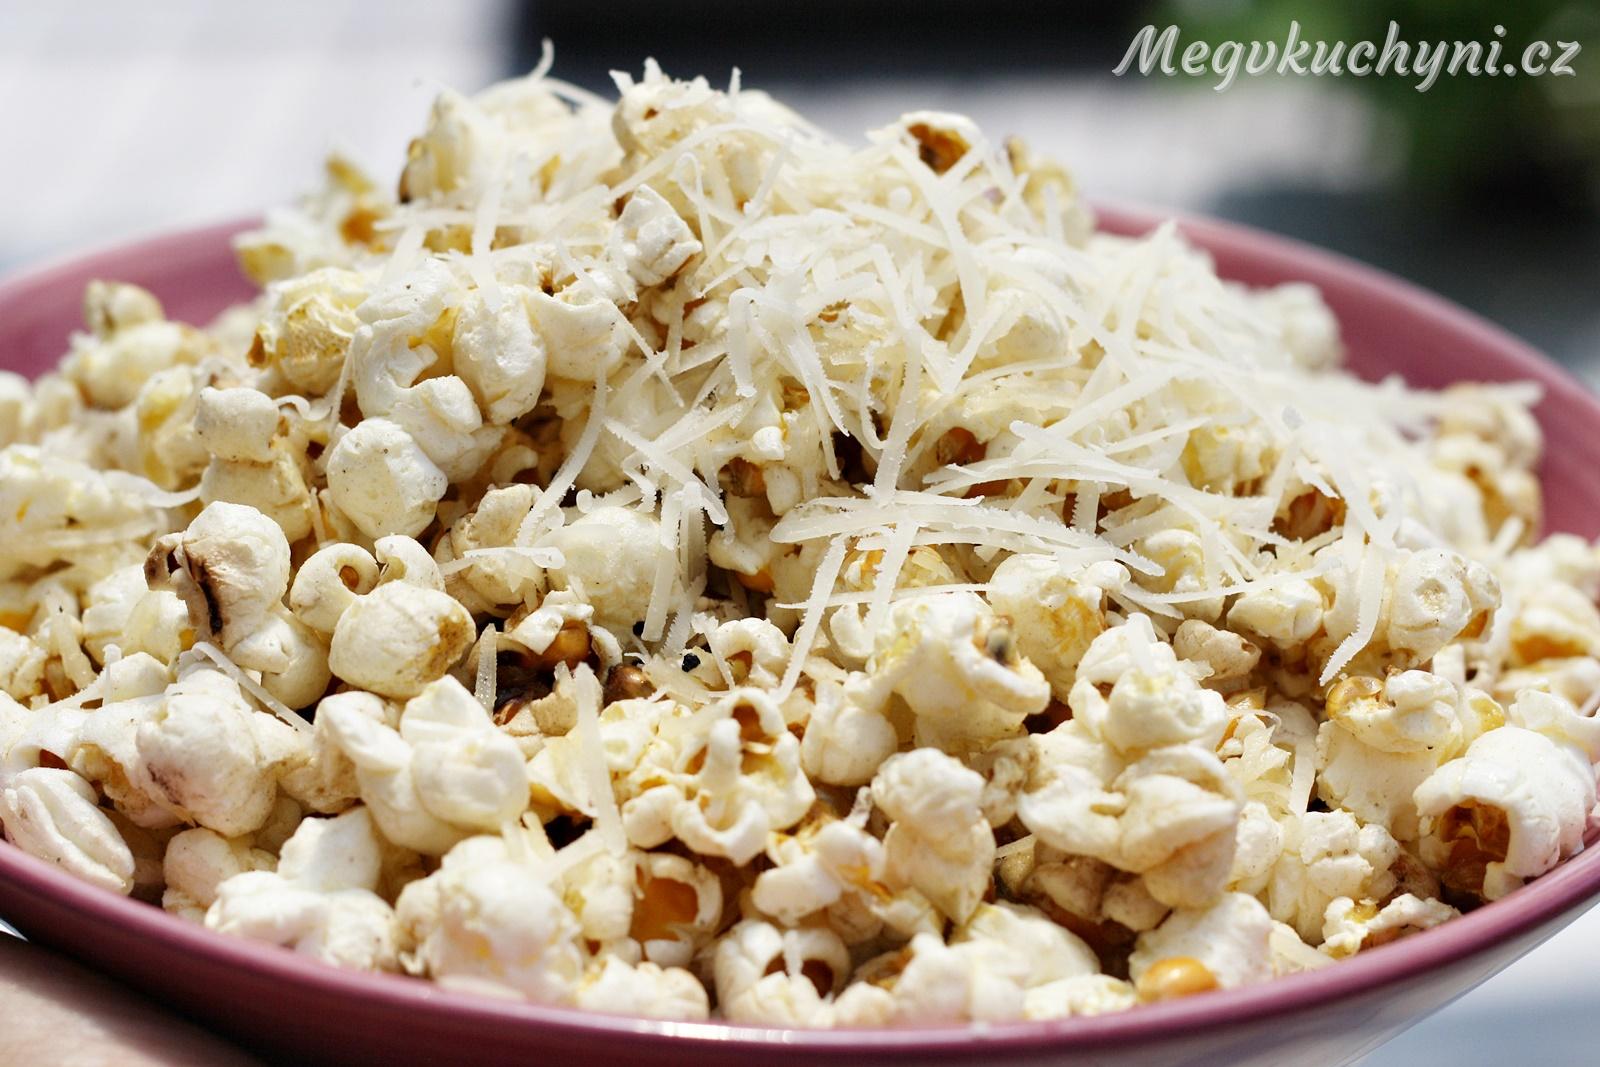 Máslovo-sýrový popcorn